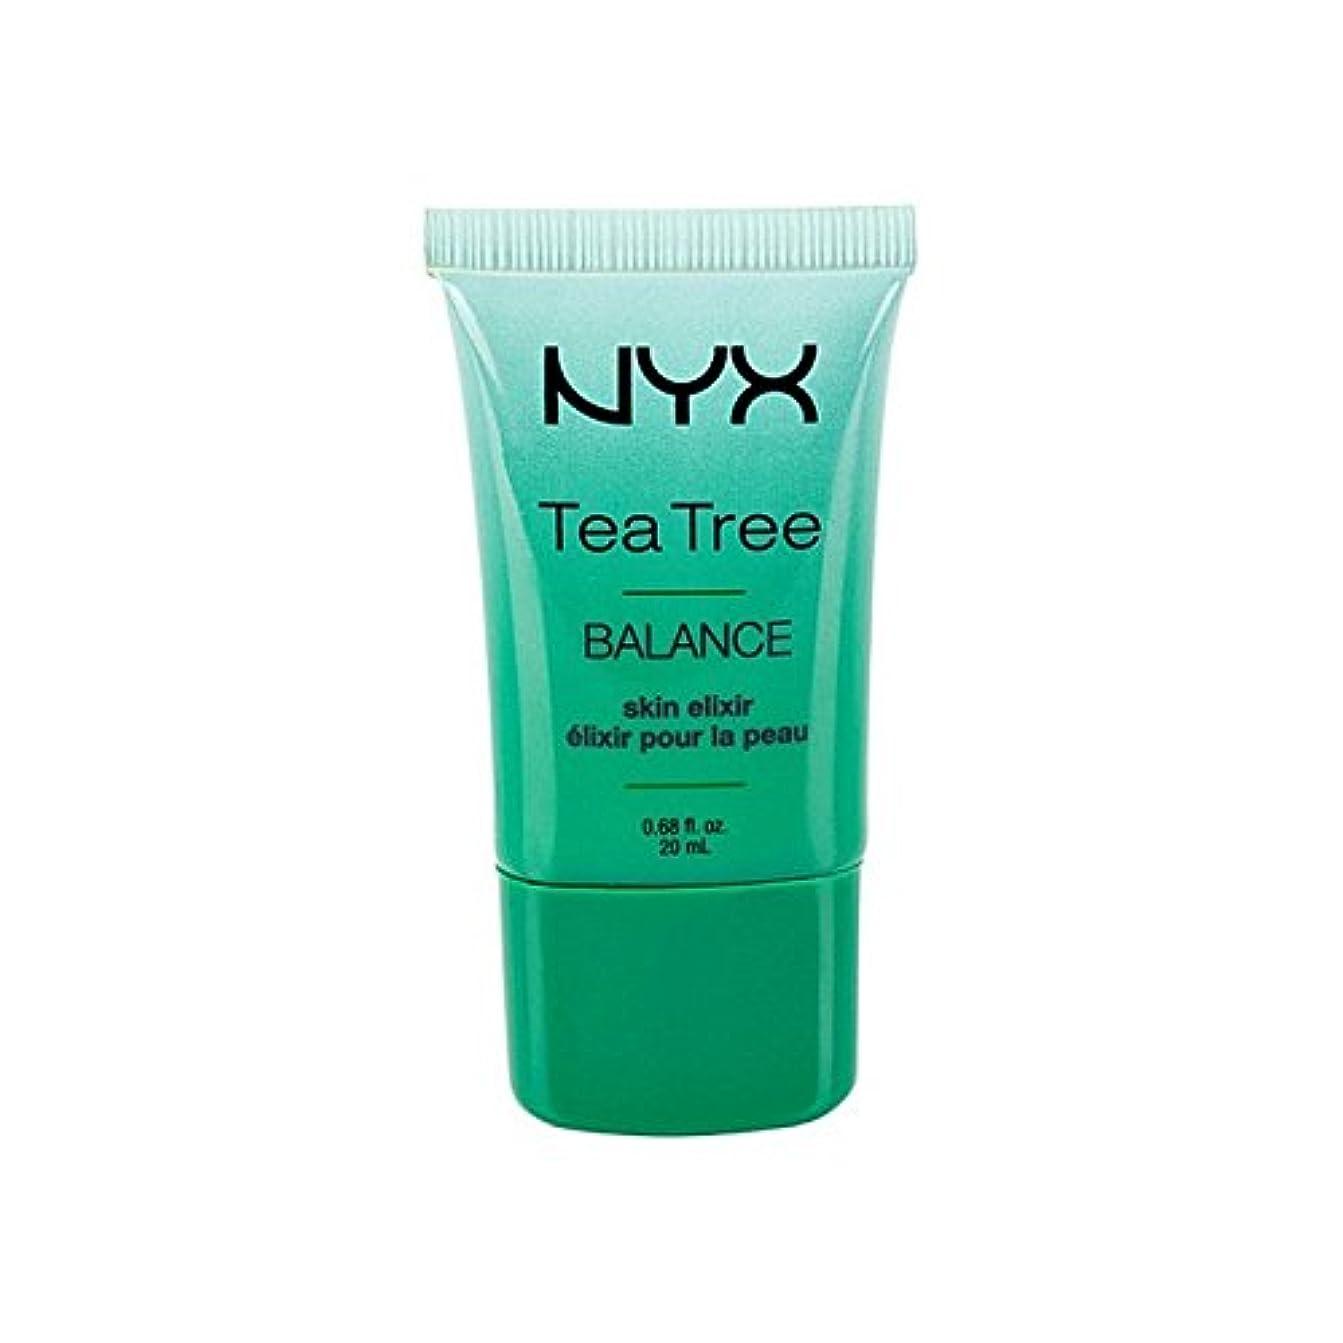 ピンポイント普通に根拠Nyx Cosmetics Balance Skin Elixir (Pack of 6) - 化粧品バランス肌の万能薬 x6 [並行輸入品]